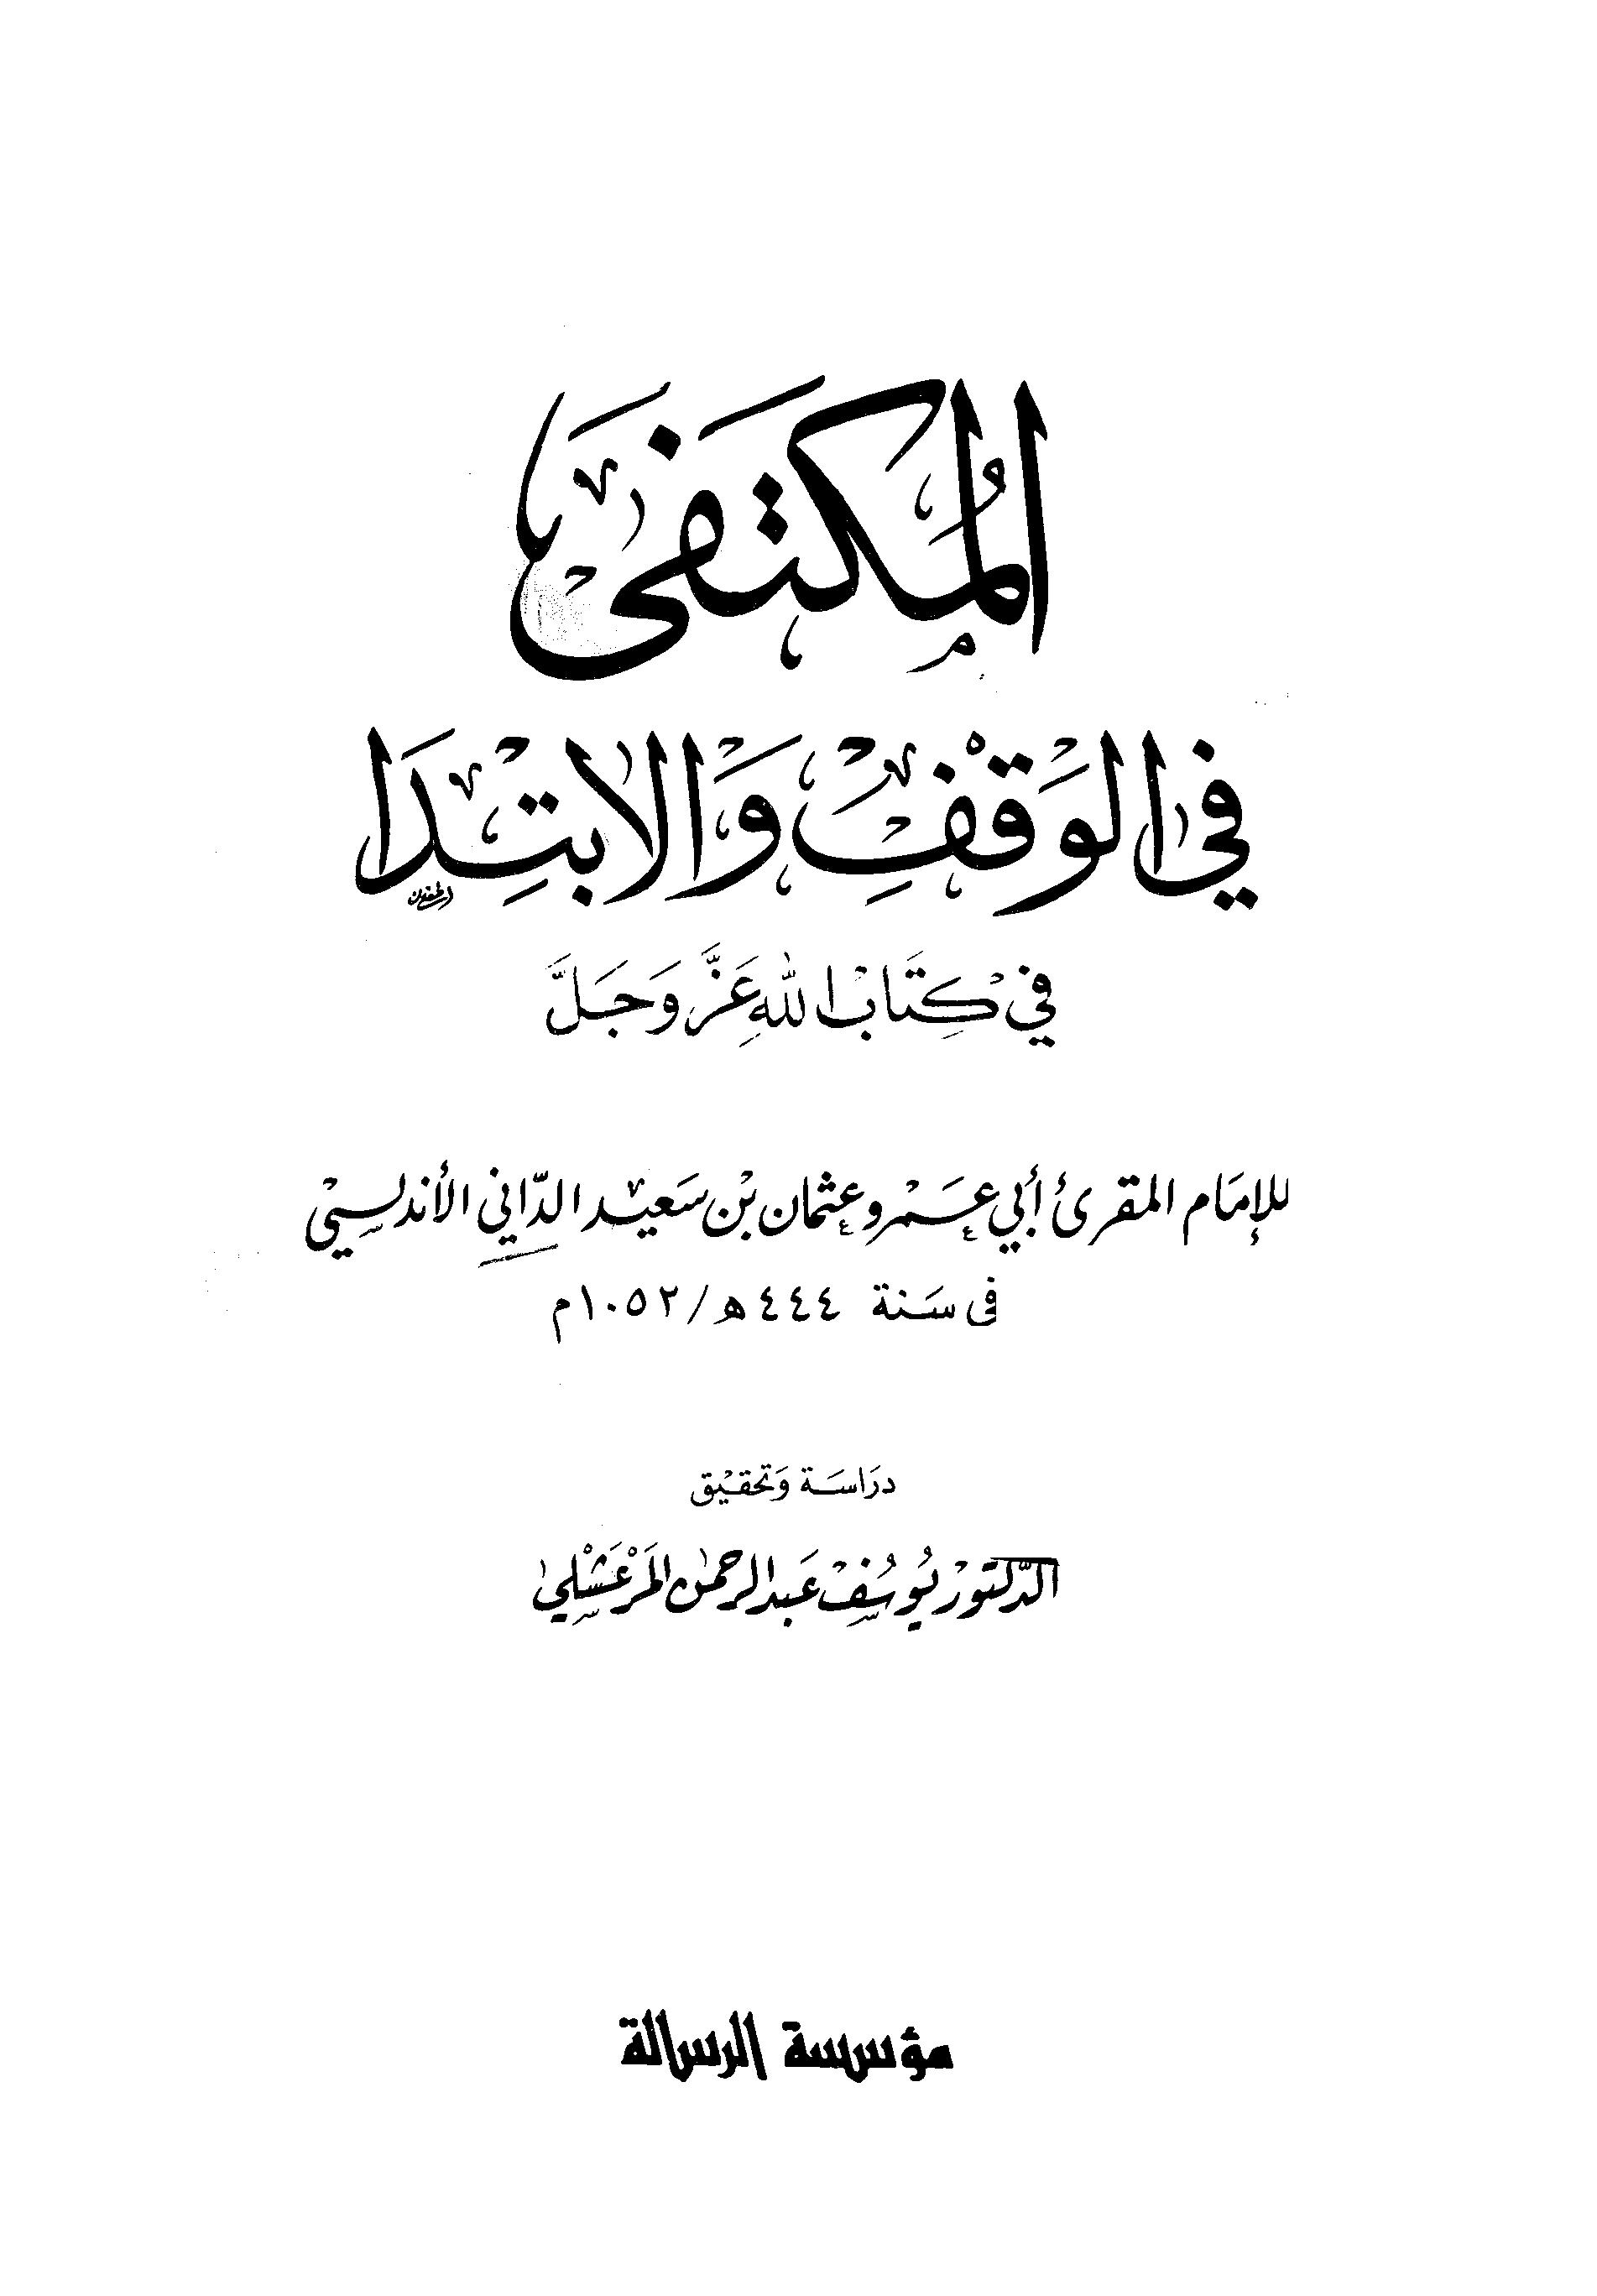 تحميل كتاب المكتفى في الوقف والابتدا في كتاب الله عز وجل لـِ: الإمام أبو عمرو عثمان بن سعيد بن عثمان بن عمر الداني (ت 444)